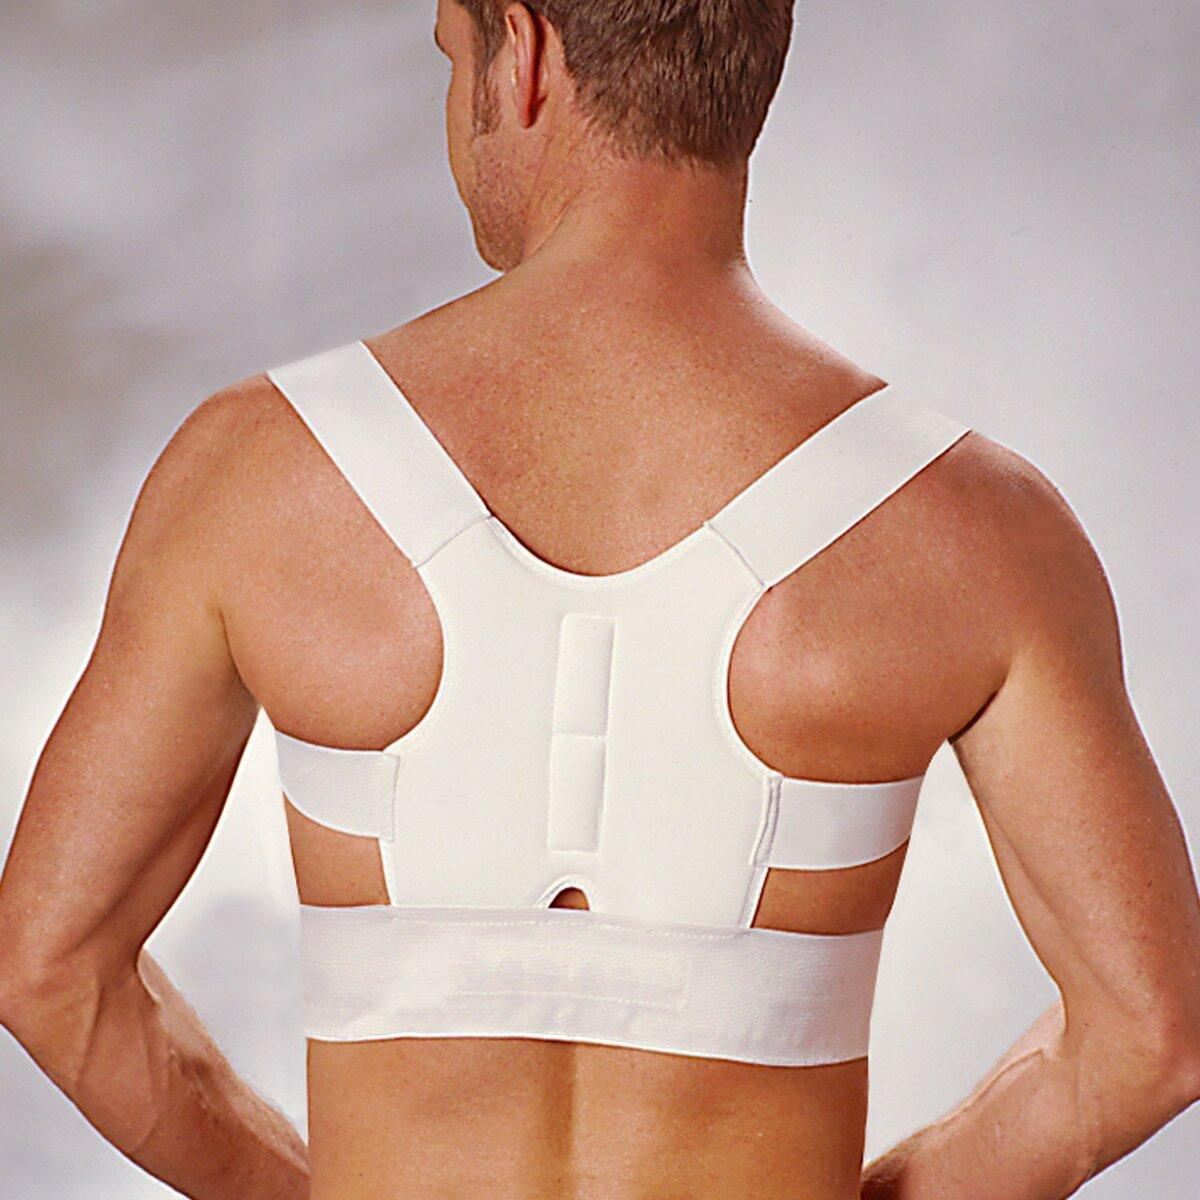 Магнитный корректор спины Magnetic Posture Support в Белореченске